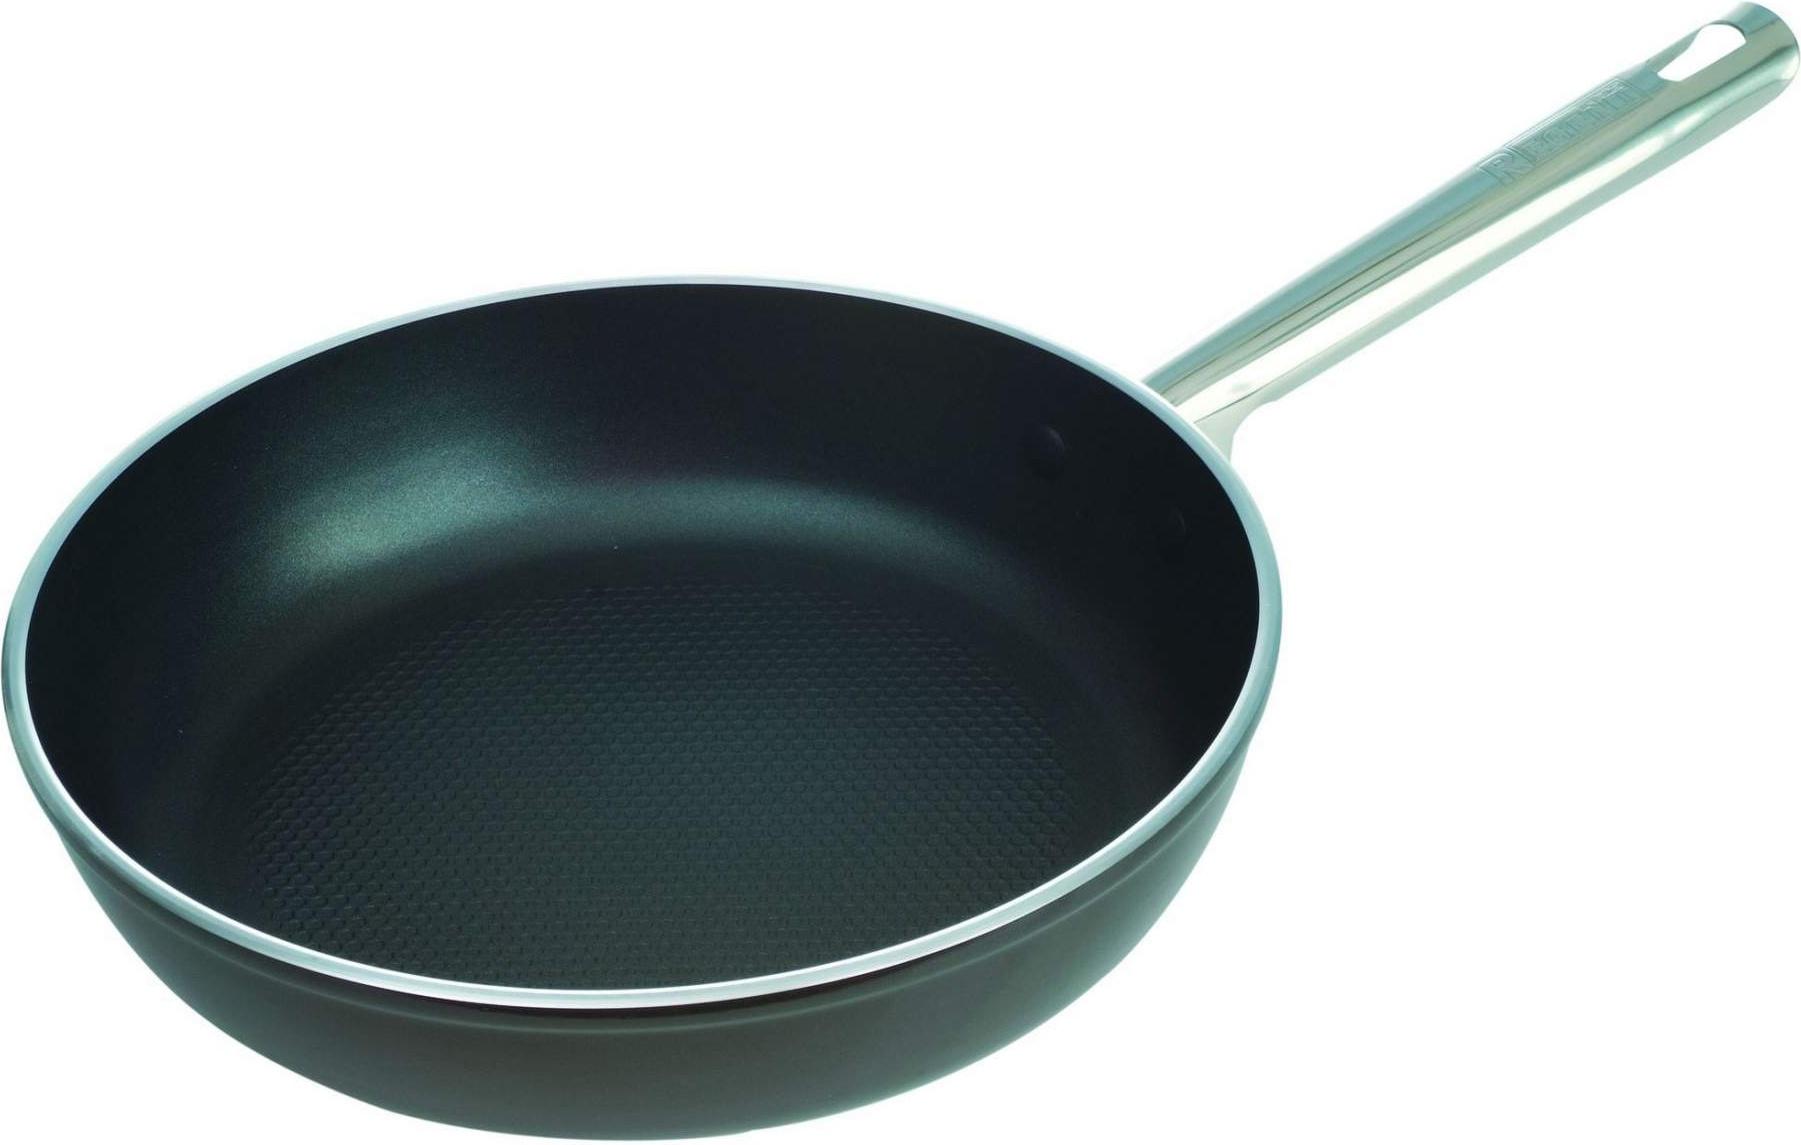 Сковорода REGENT inox Tesoro 93-AL-TE-1-28 28 см